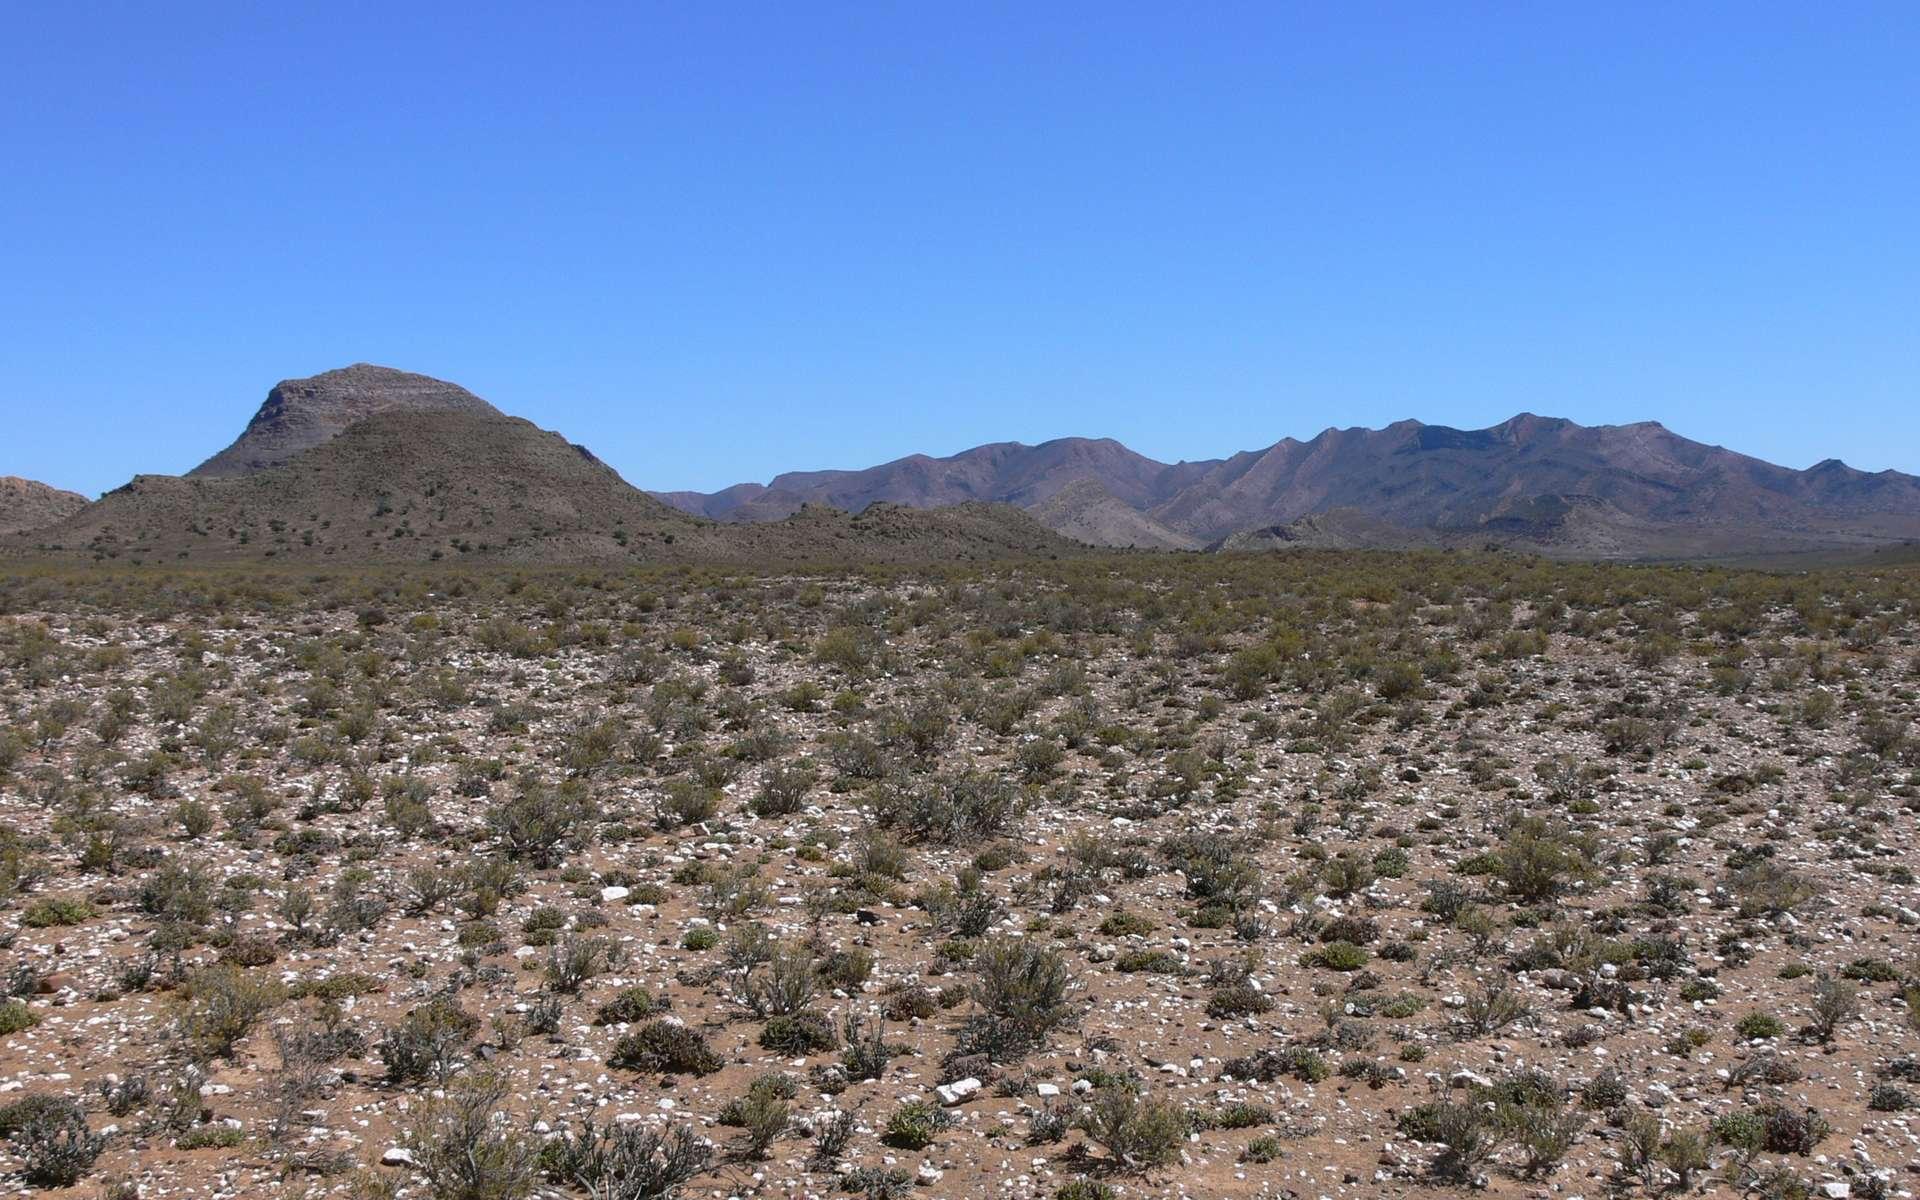 Le Karoo (mot khoïkhoï signifiant le « pays de la soif ») est un semi-désert situé en Afrique du Sud. © Winfried Bruenken, CC by-sa 2.5